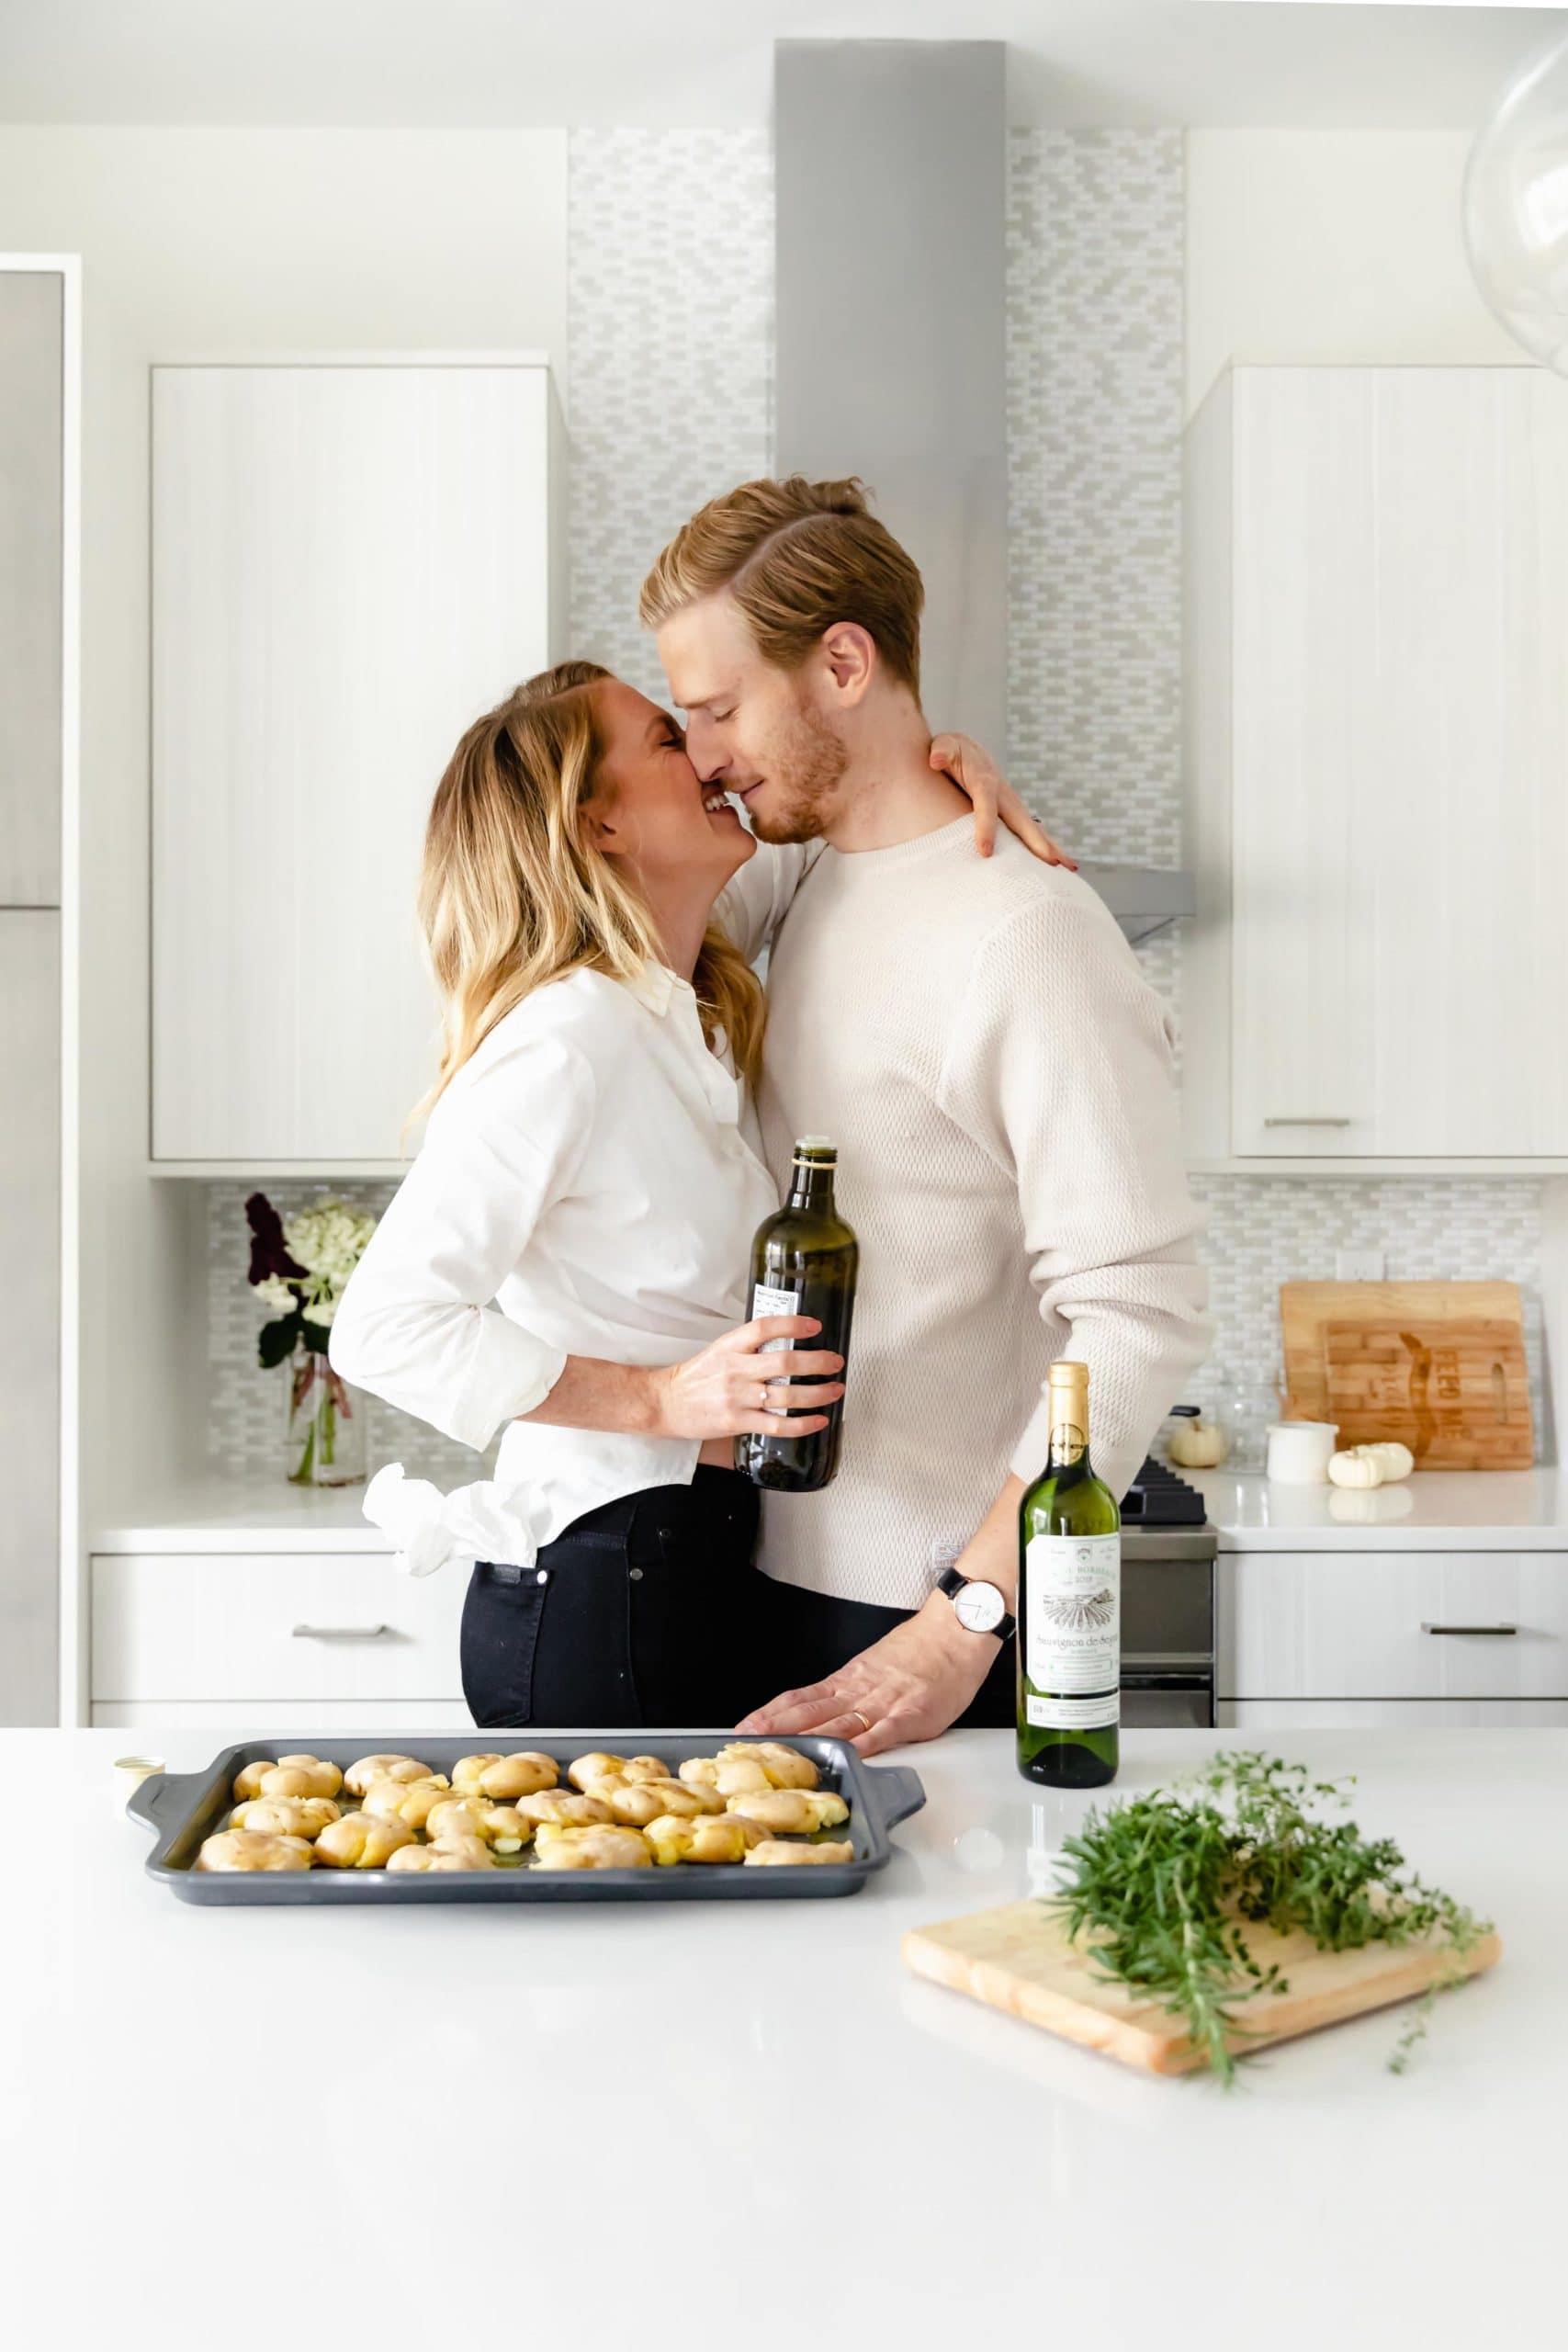 happy newlywed couple holiday entertaining